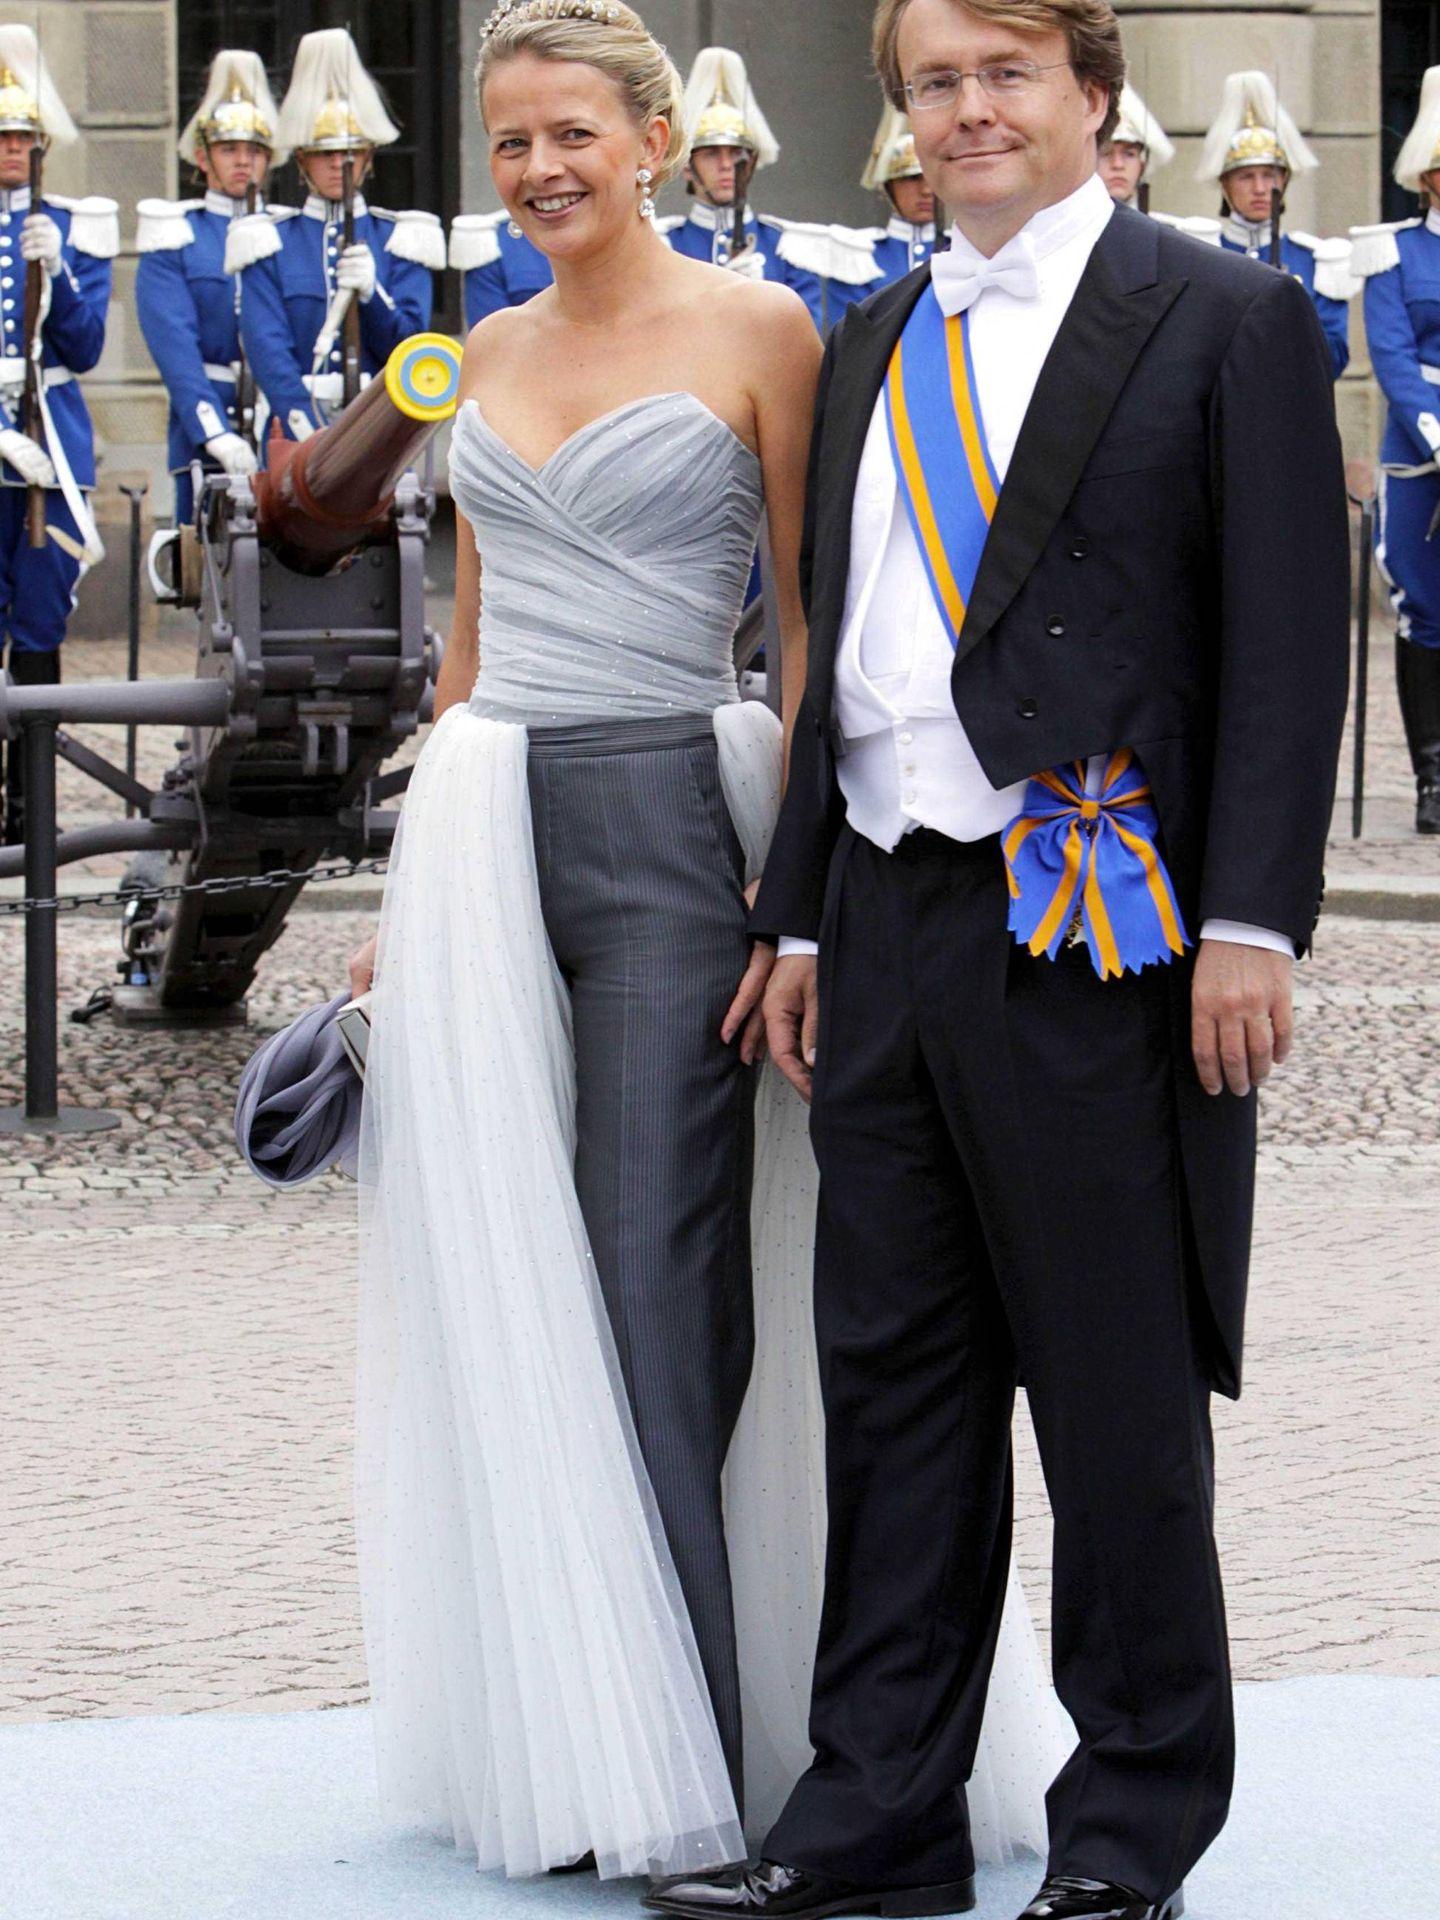 La princesa Mabel y el desaparecido príncipe Friso de Holanda. (Cordon Press)